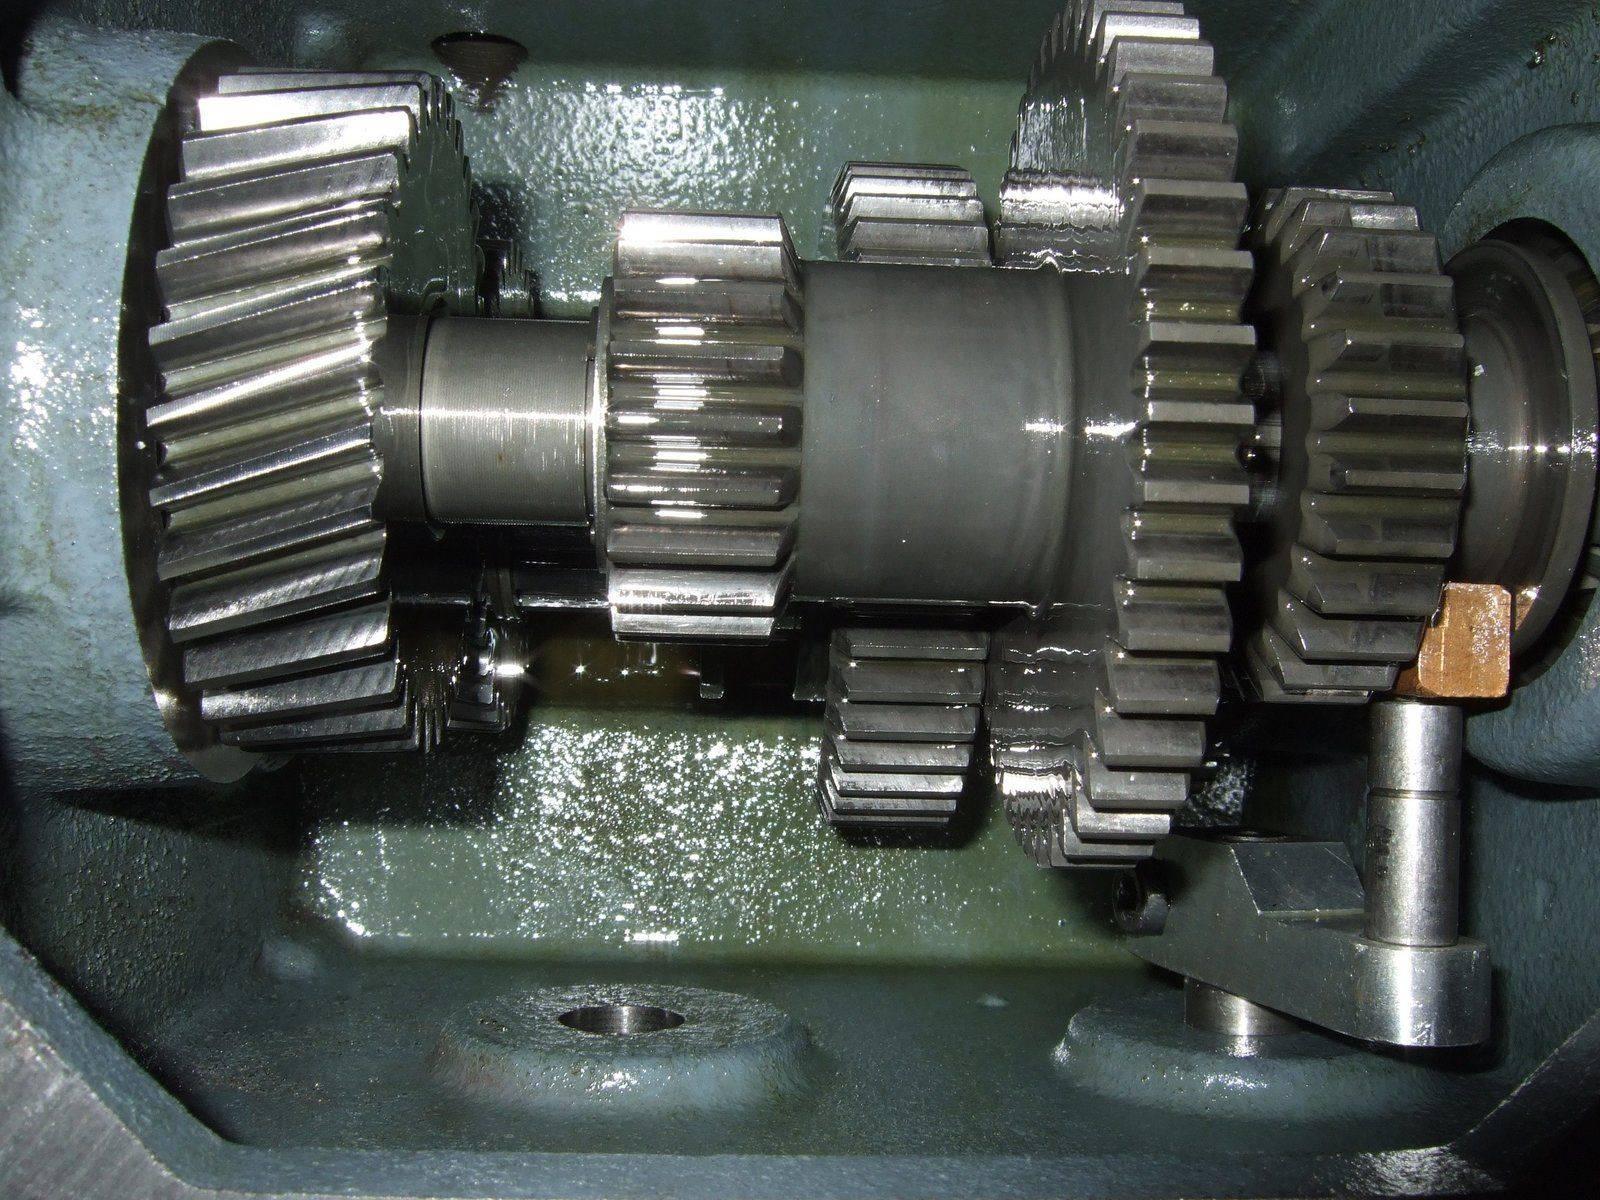 DSCF3763.JPG